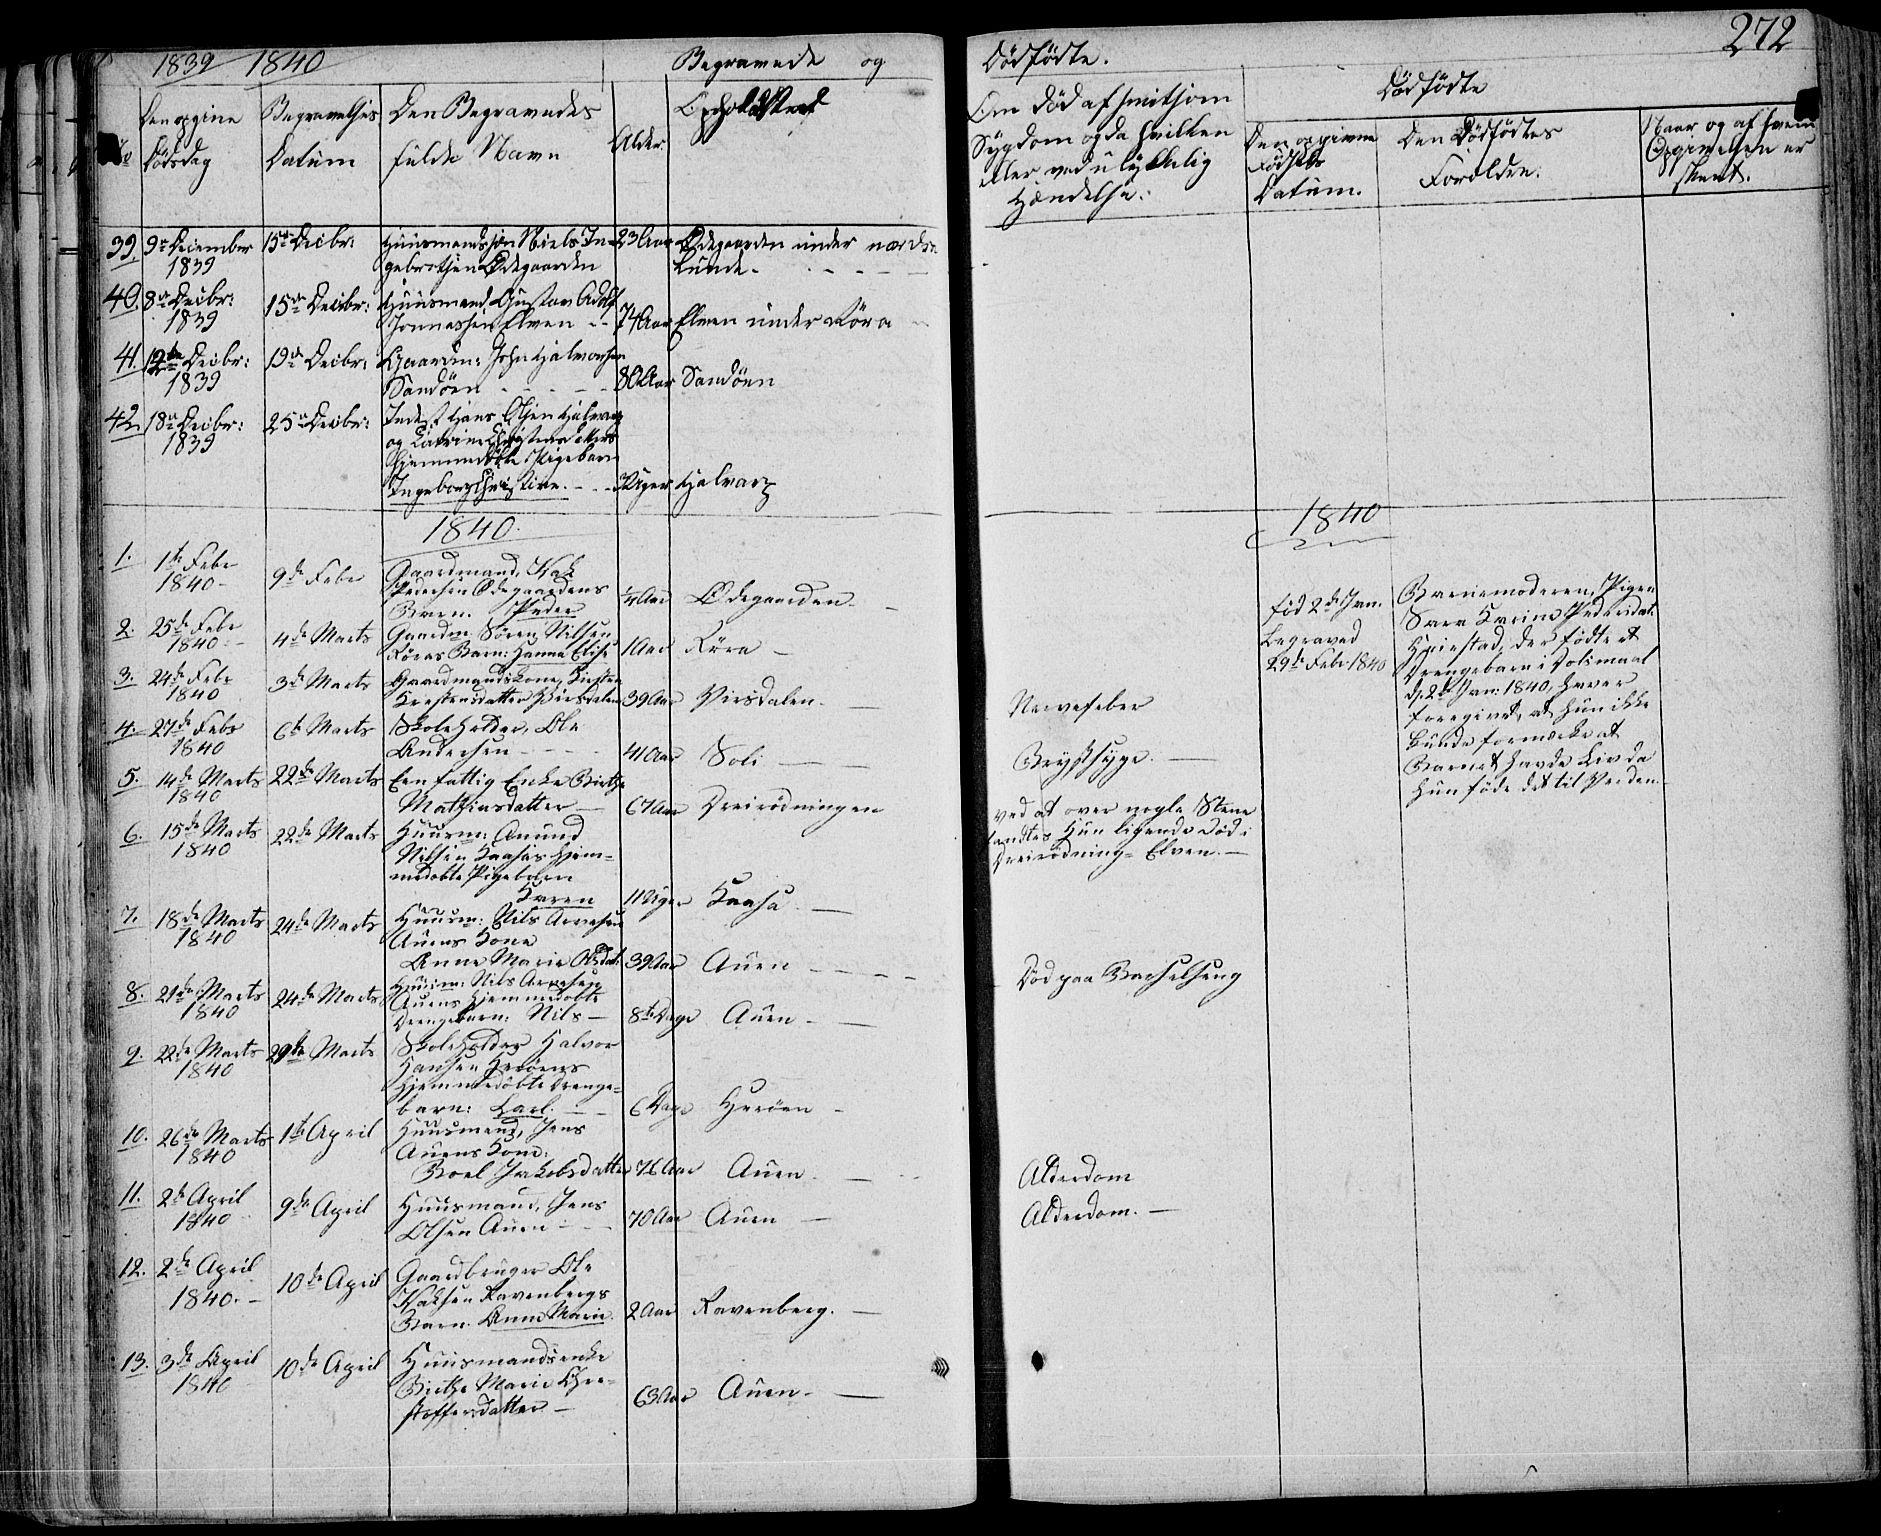 SAKO, Eidanger kirkebøker, F/Fa/L0008: Ministerialbok nr. 8, 1831-1858, s. 272